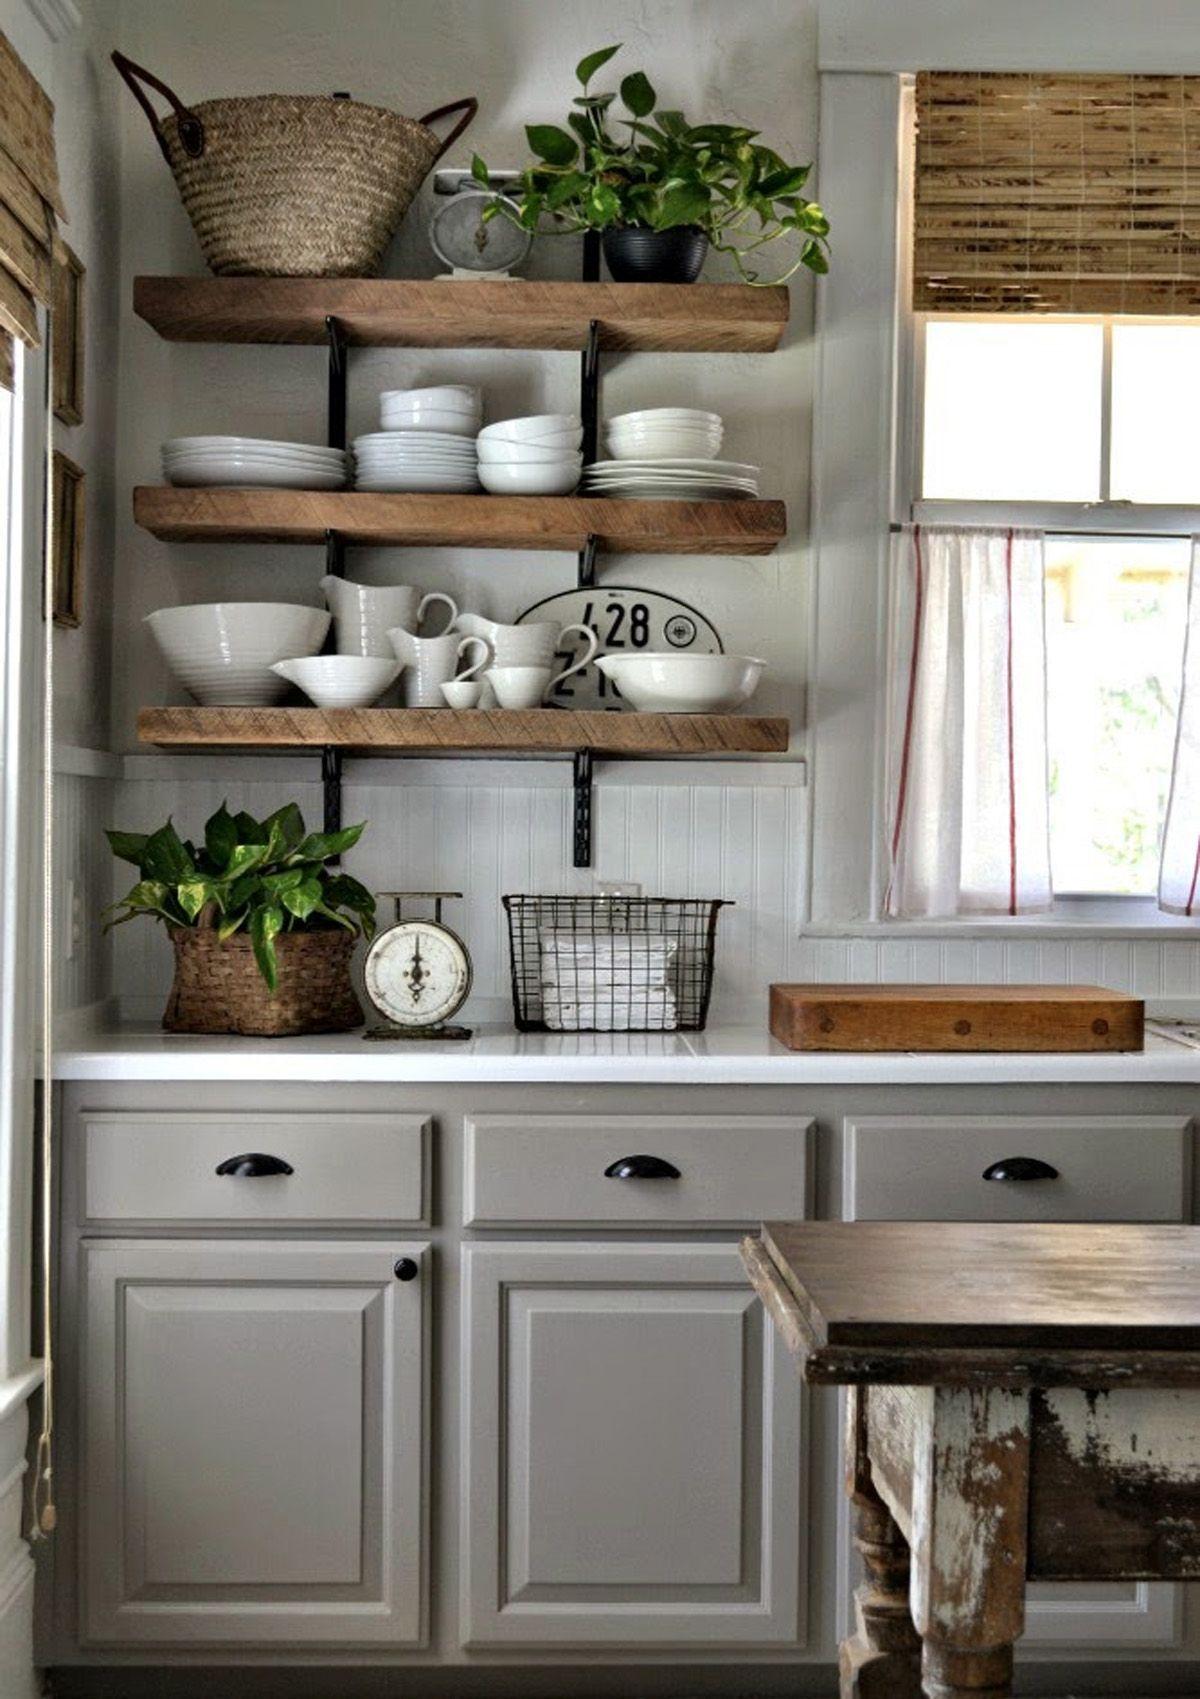 Relookez Une Cuisine En 10 Idees Decoration Reprendre Les Meubles Et Chang Ad 1 In 2020 Rustic Kitchen Cabinets Farmhouse Kitchen Decor New Kitchen Cabinets